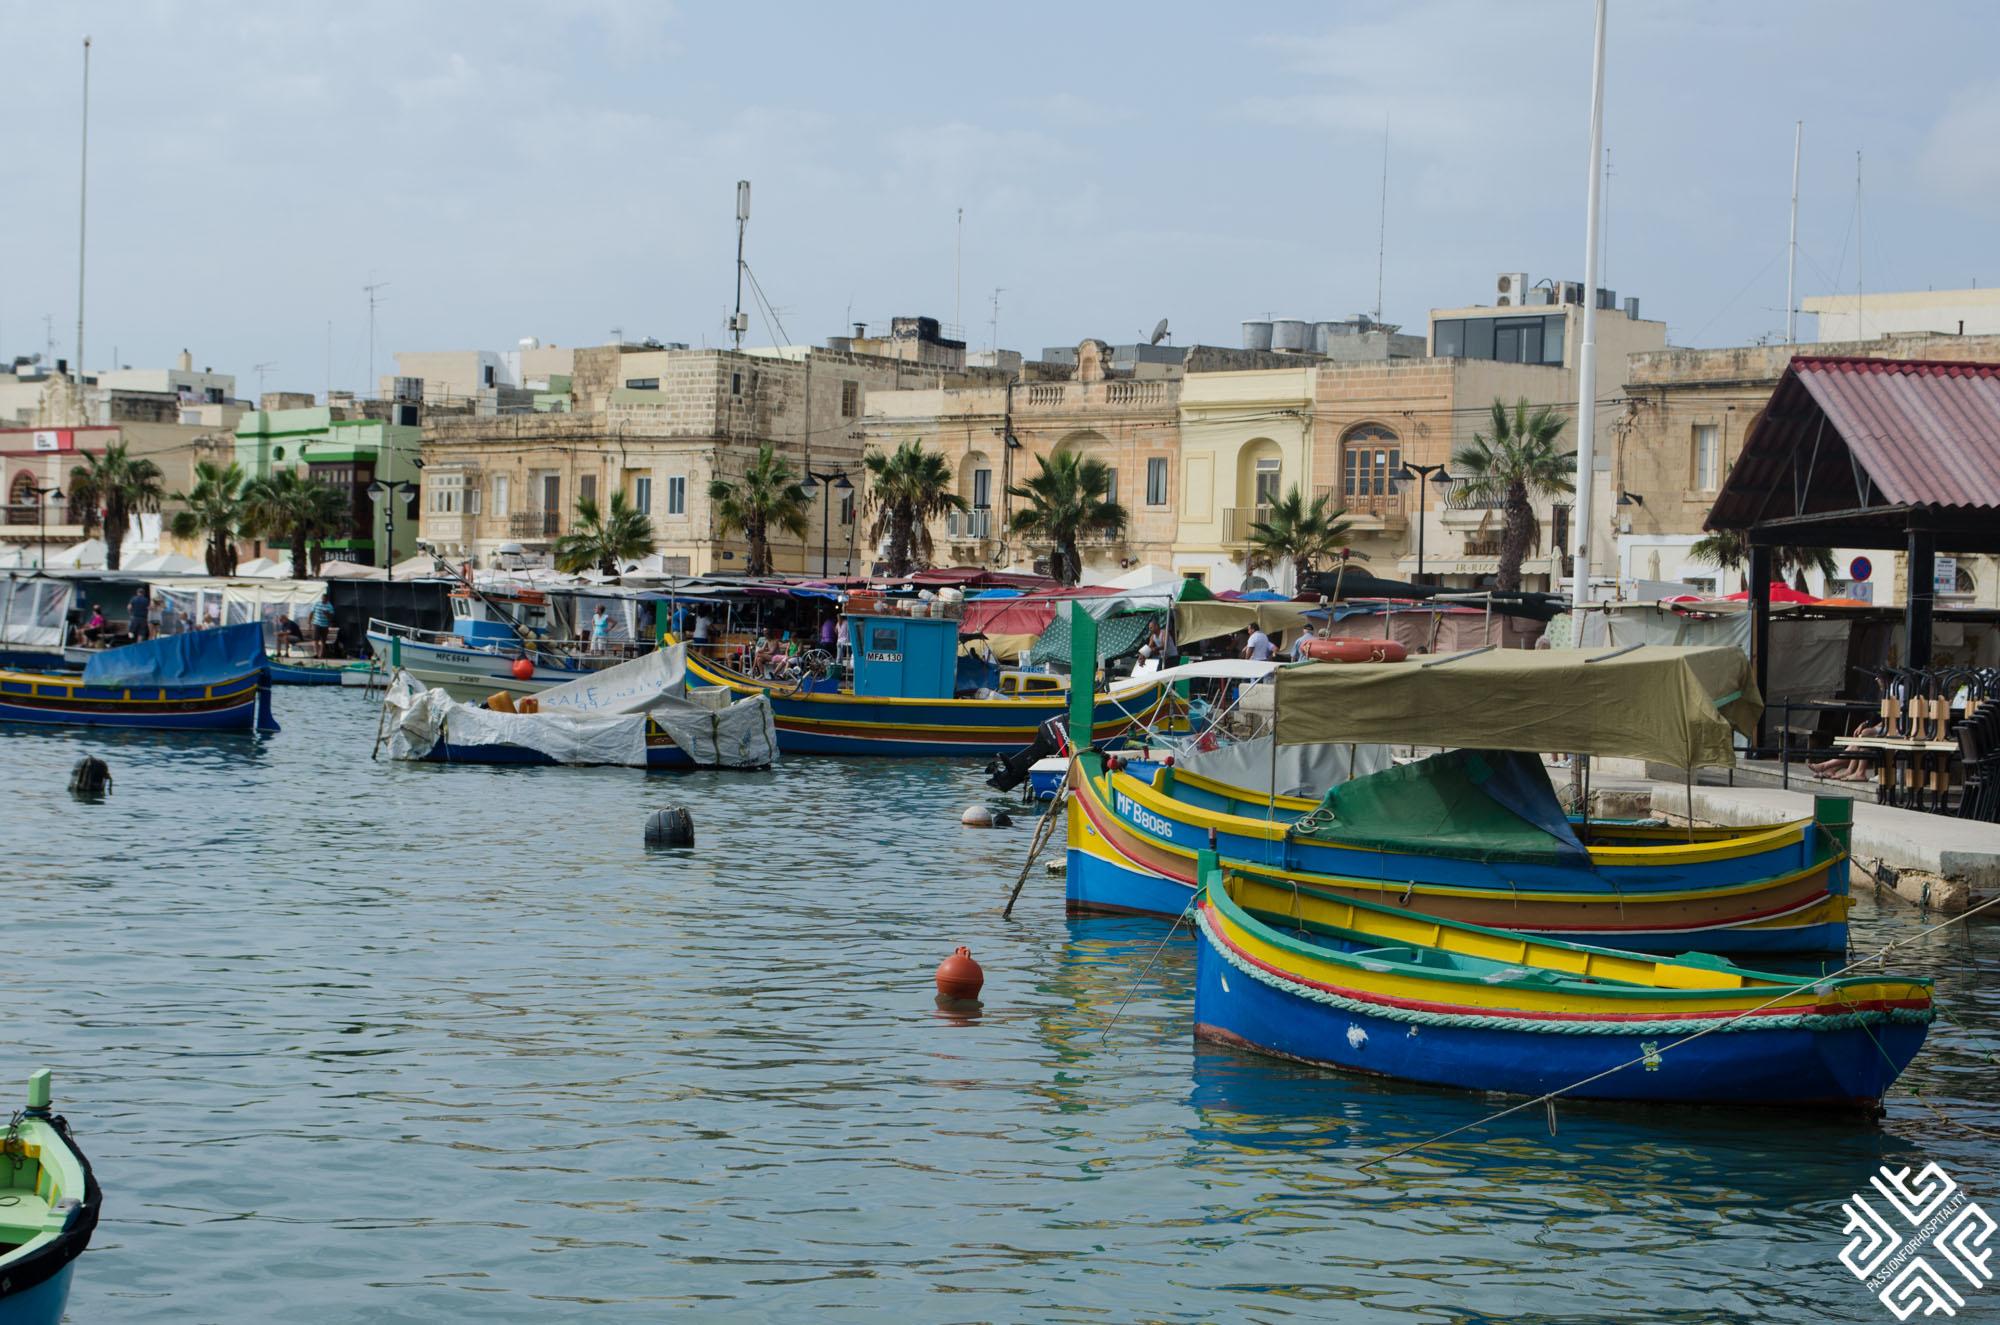 marsaxlokk-fishing-village-boats-1